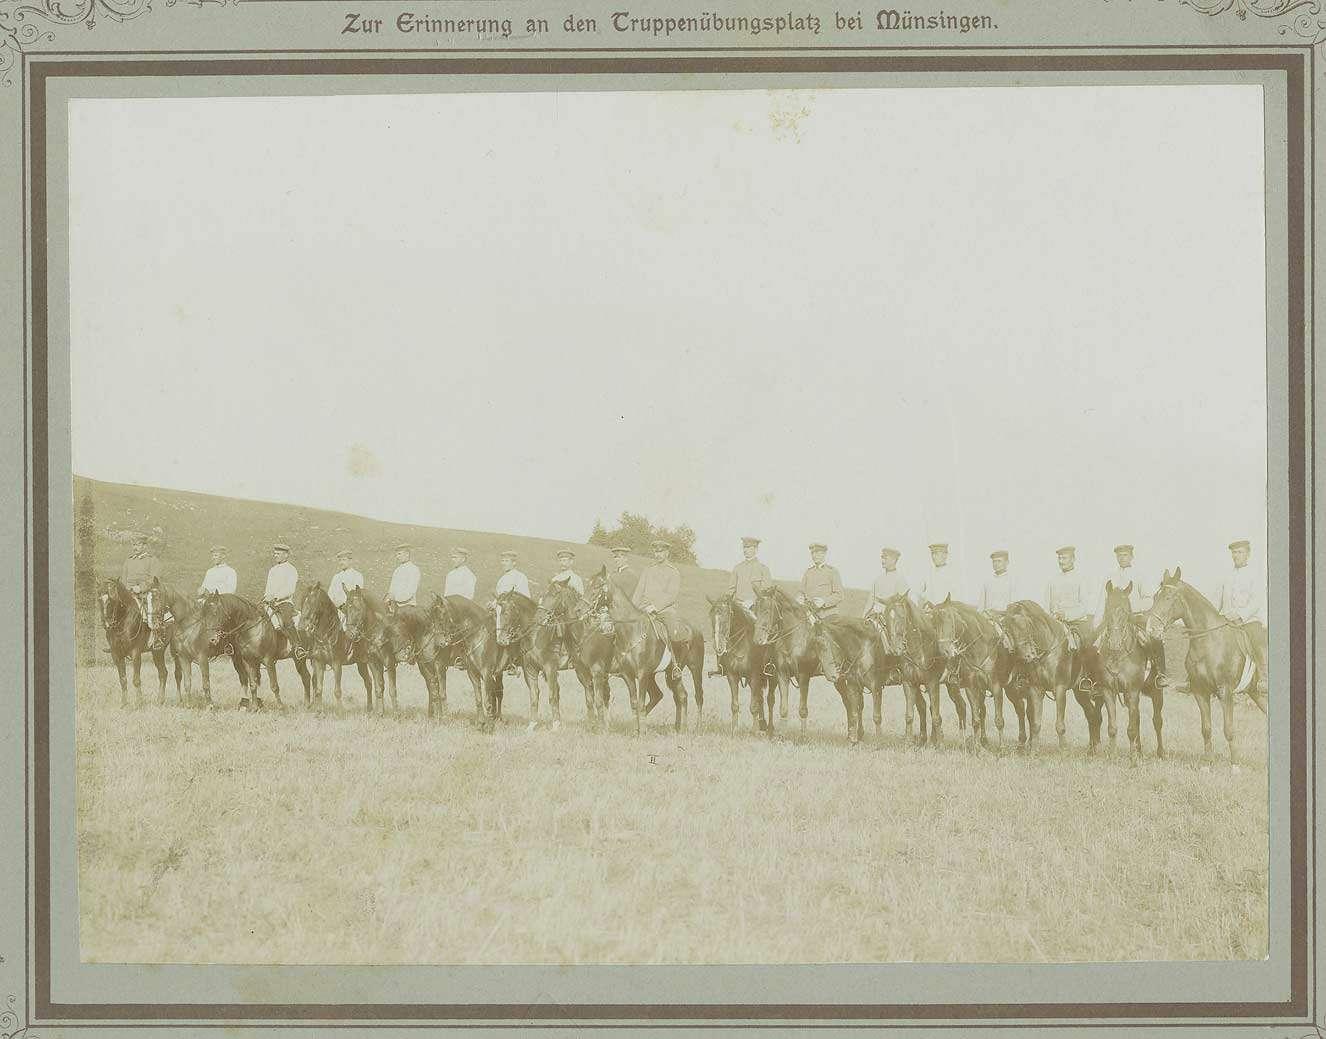 Offiziere (achtzehn Personen) zu Pferd auf dem Truppenübungsplatz Münsingen in Uniform und Mütze, Bilder in Halbprofil, Bild 1